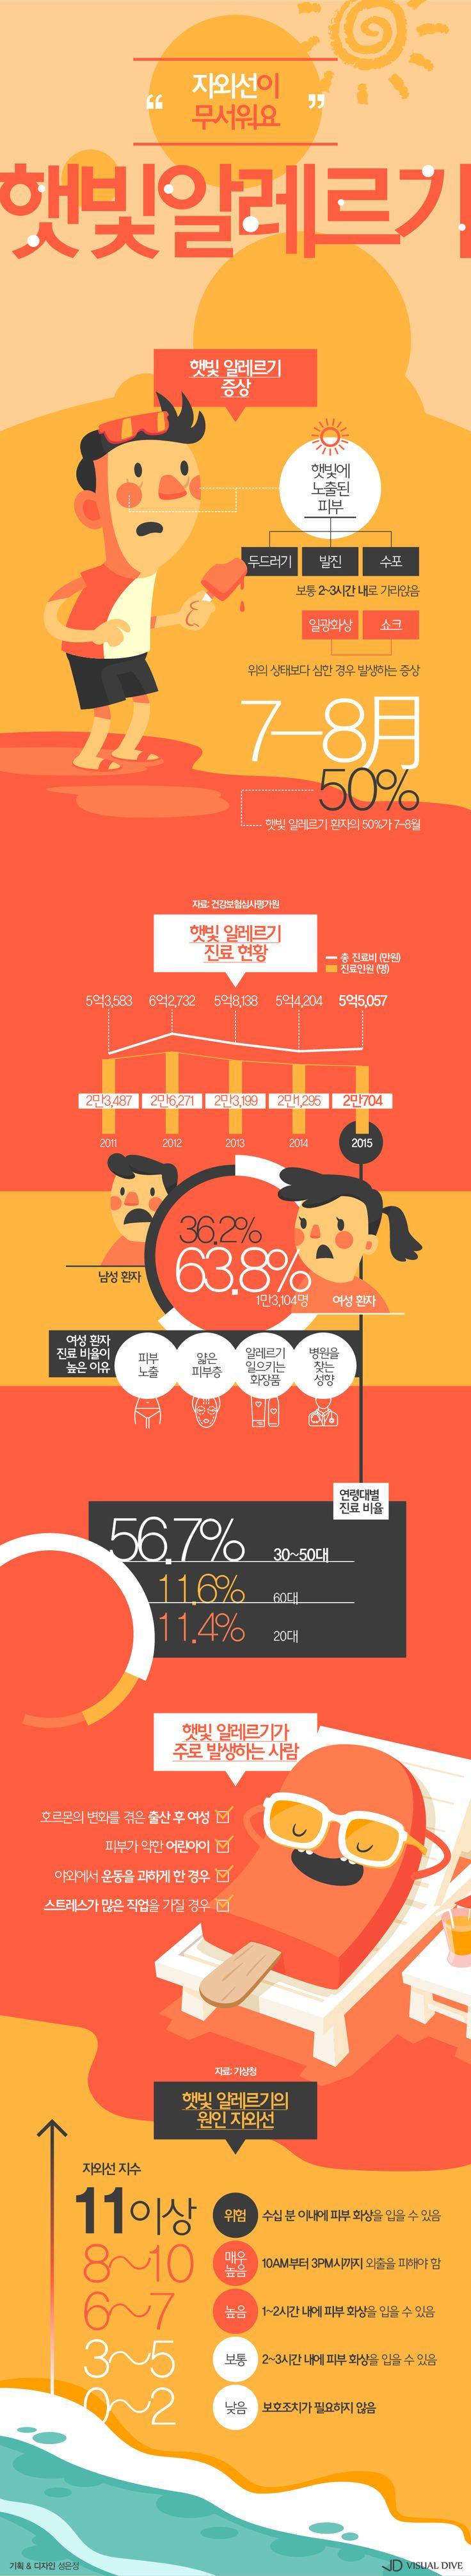 물놀이 후 화끈거리는 피부…나도 혹시 햇빛 알레르기? [인포그래픽] #sunlight / #Infographic ⓒ 비주얼다이브 무단…